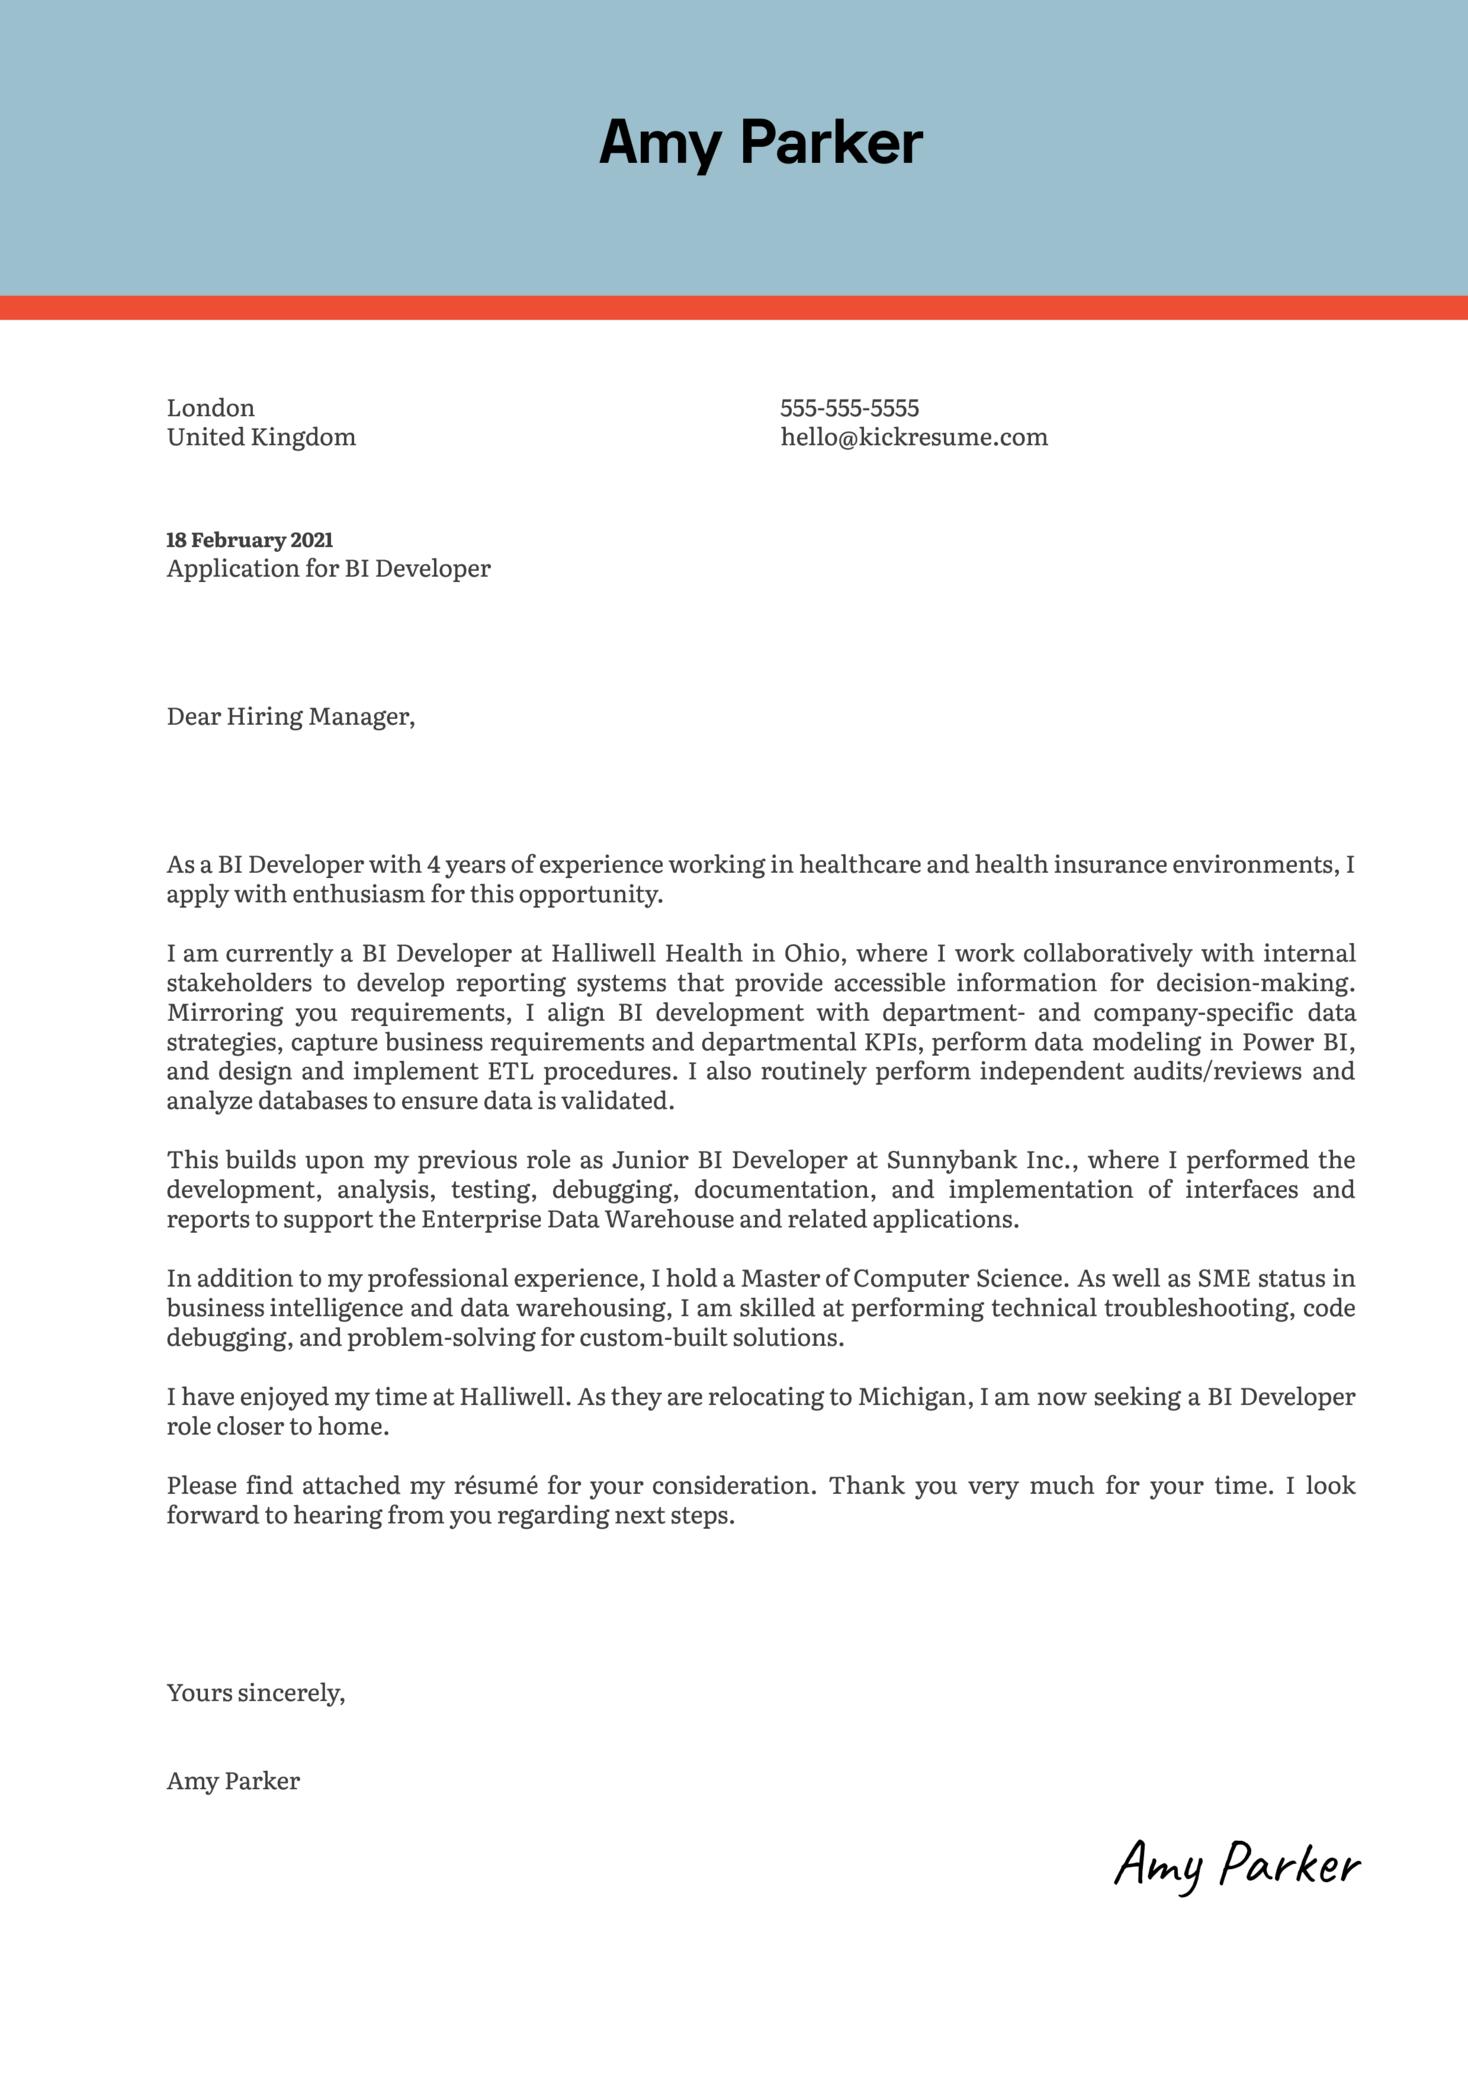 BI Developer Cover Letter Example